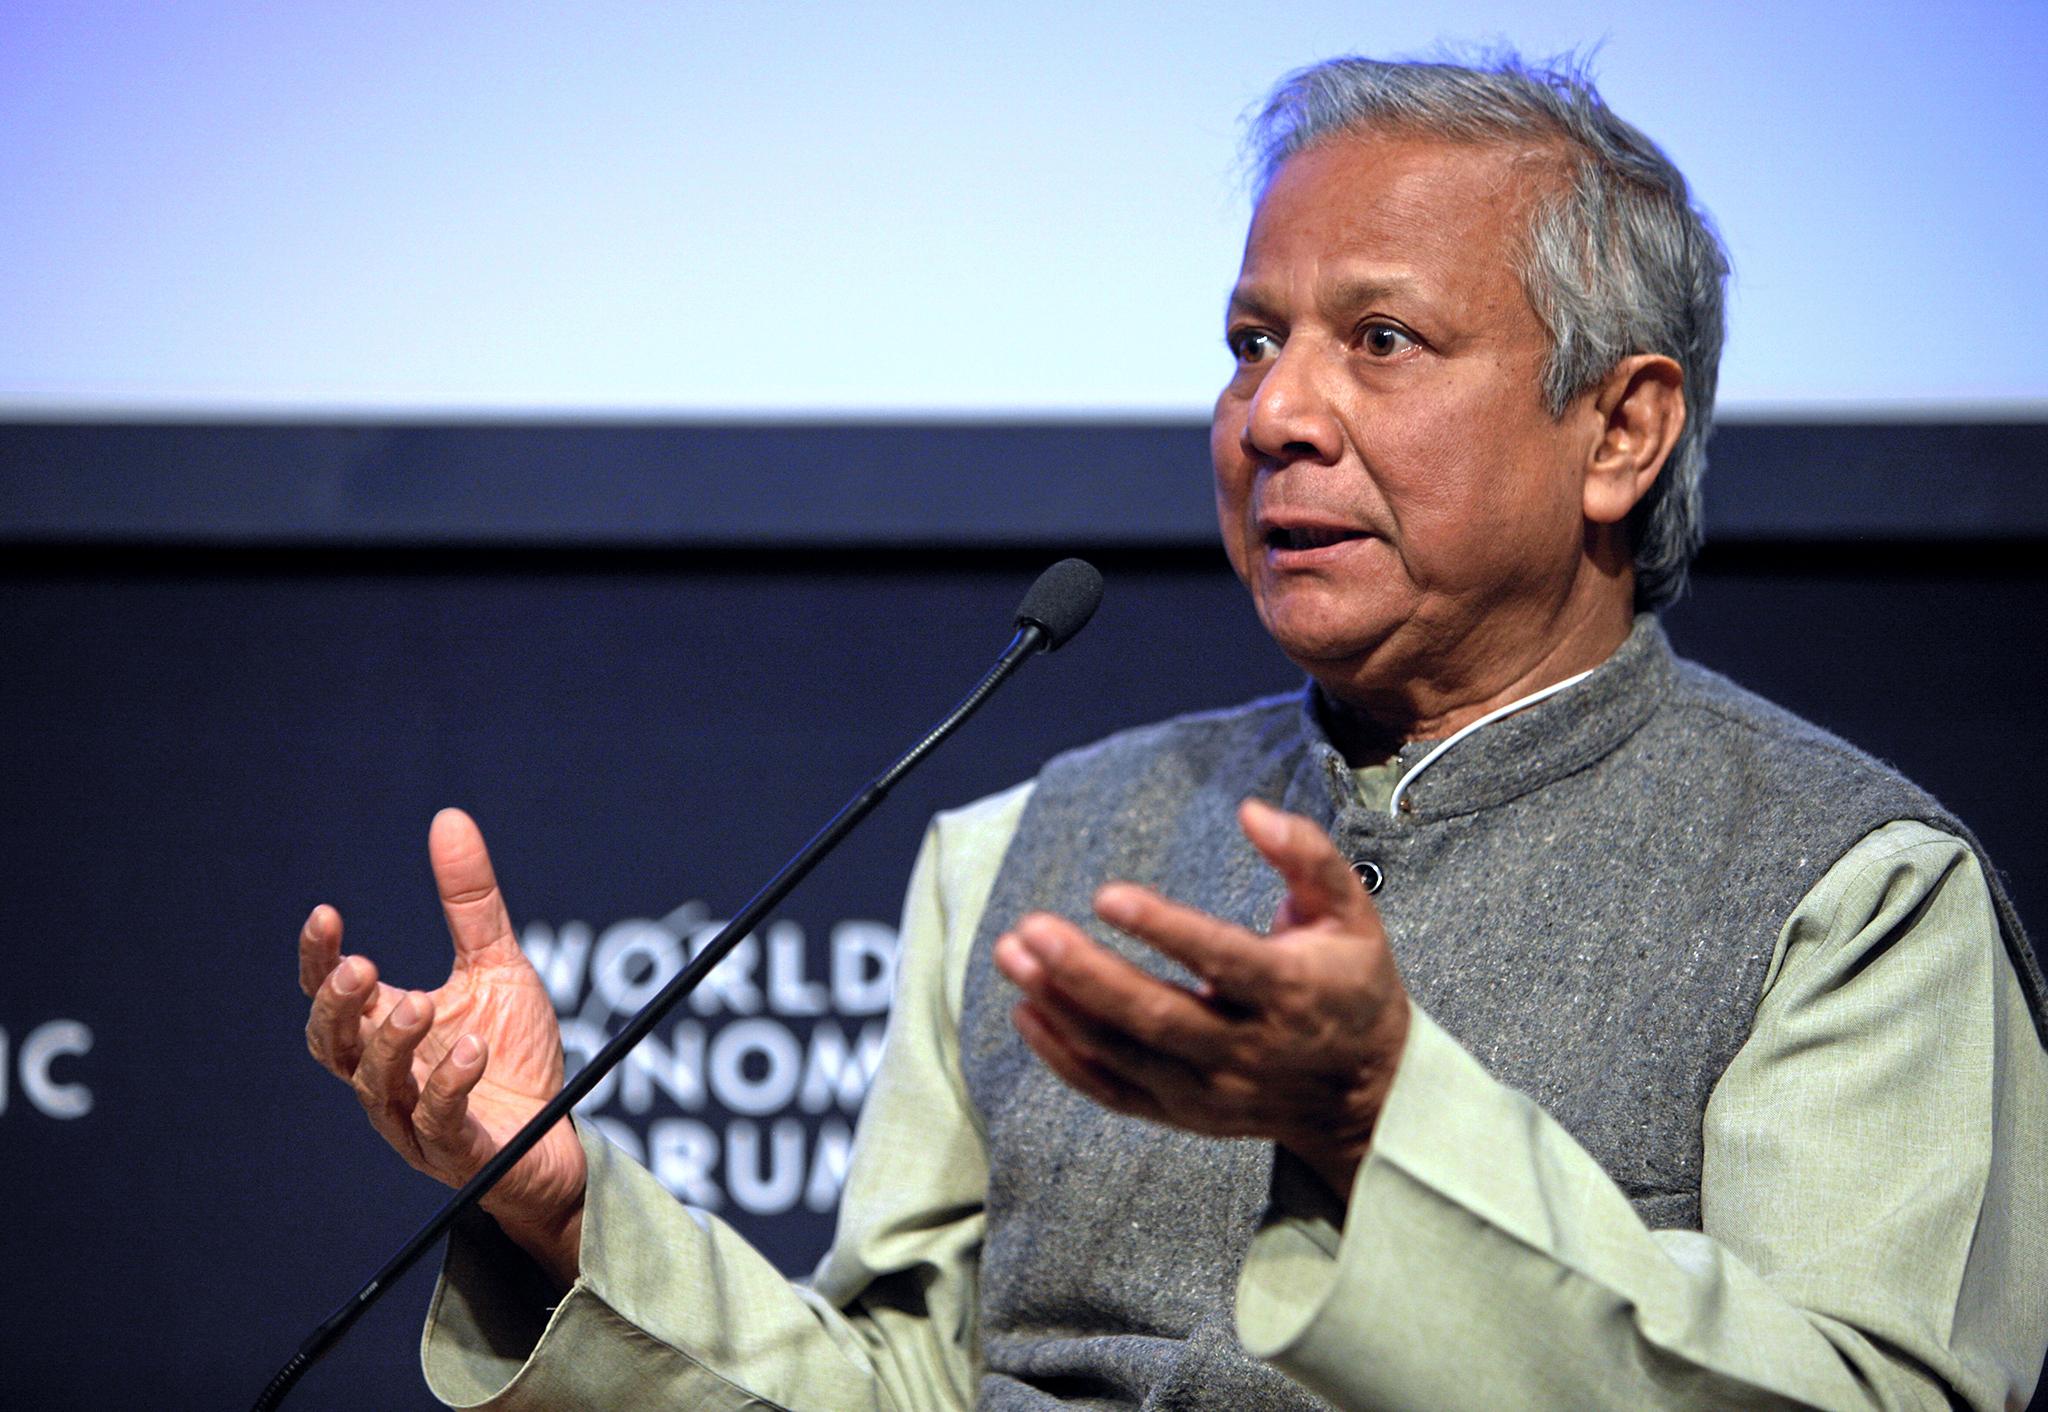 Muhammad Yunus, diretor administrativo do Grameen Bank, Bangladesh, durante a sessão 'Restaurando o crescimento através dos negócios sociais' na Reunião Anual de 2009 do Fórum Económico Mundial em Davos, Suíça.